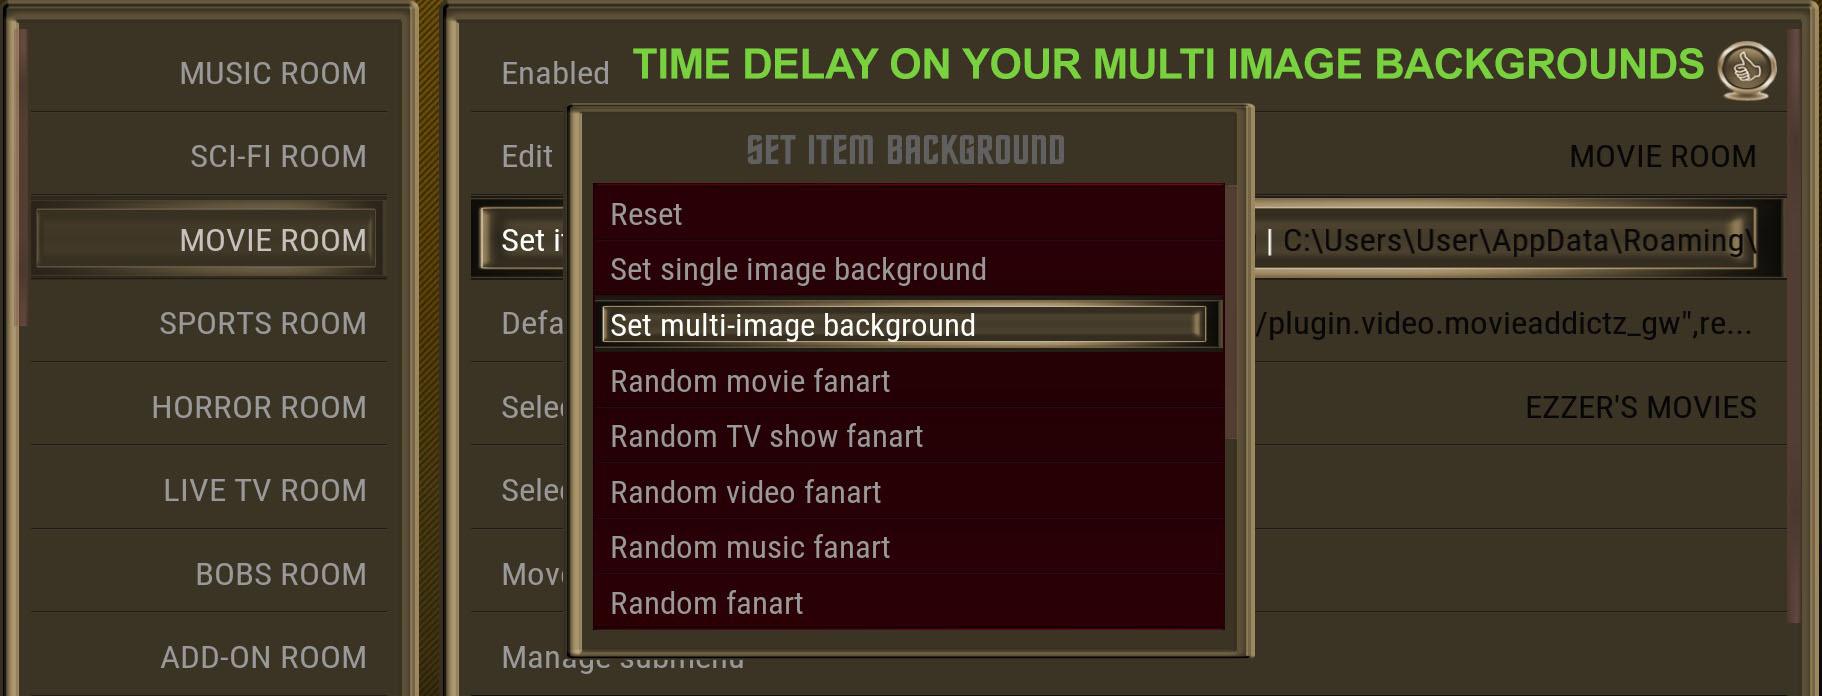 Multi Image Background time delay in Kodi